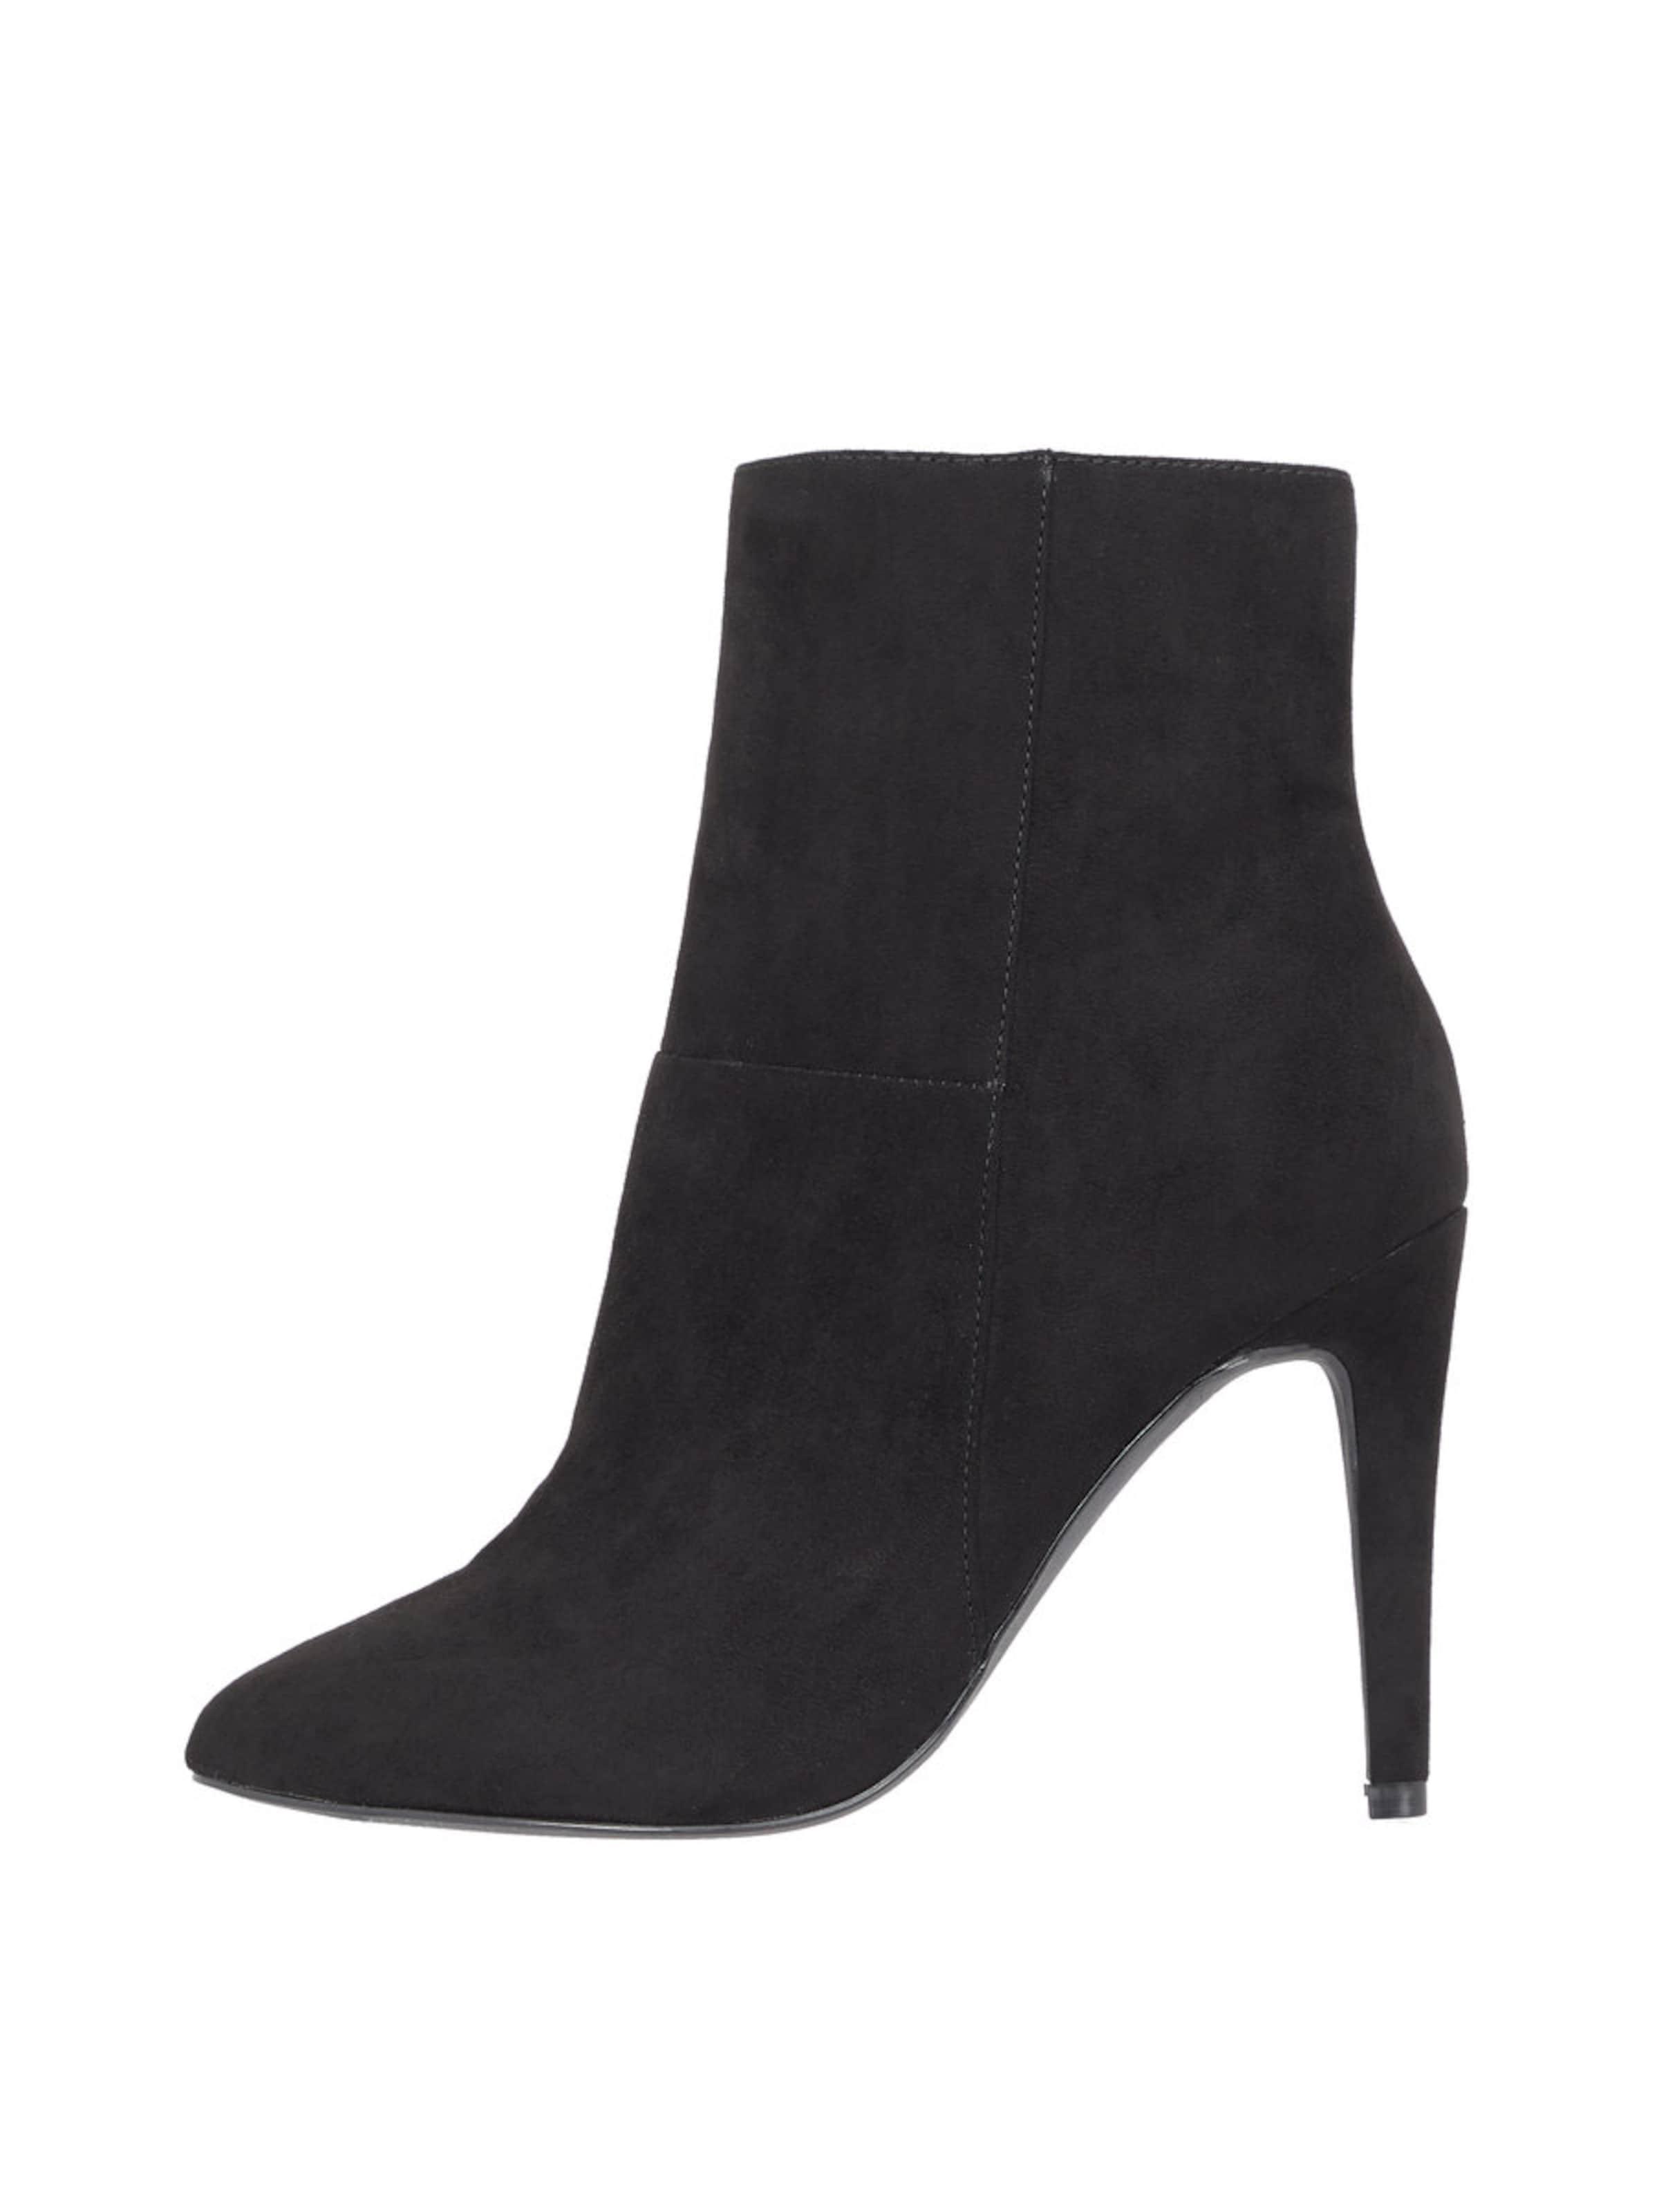 Haltbare Mode billige Schuhe Bianco | Klassische Stiletto Stiefel Schuhe Gut getragene Schuhe